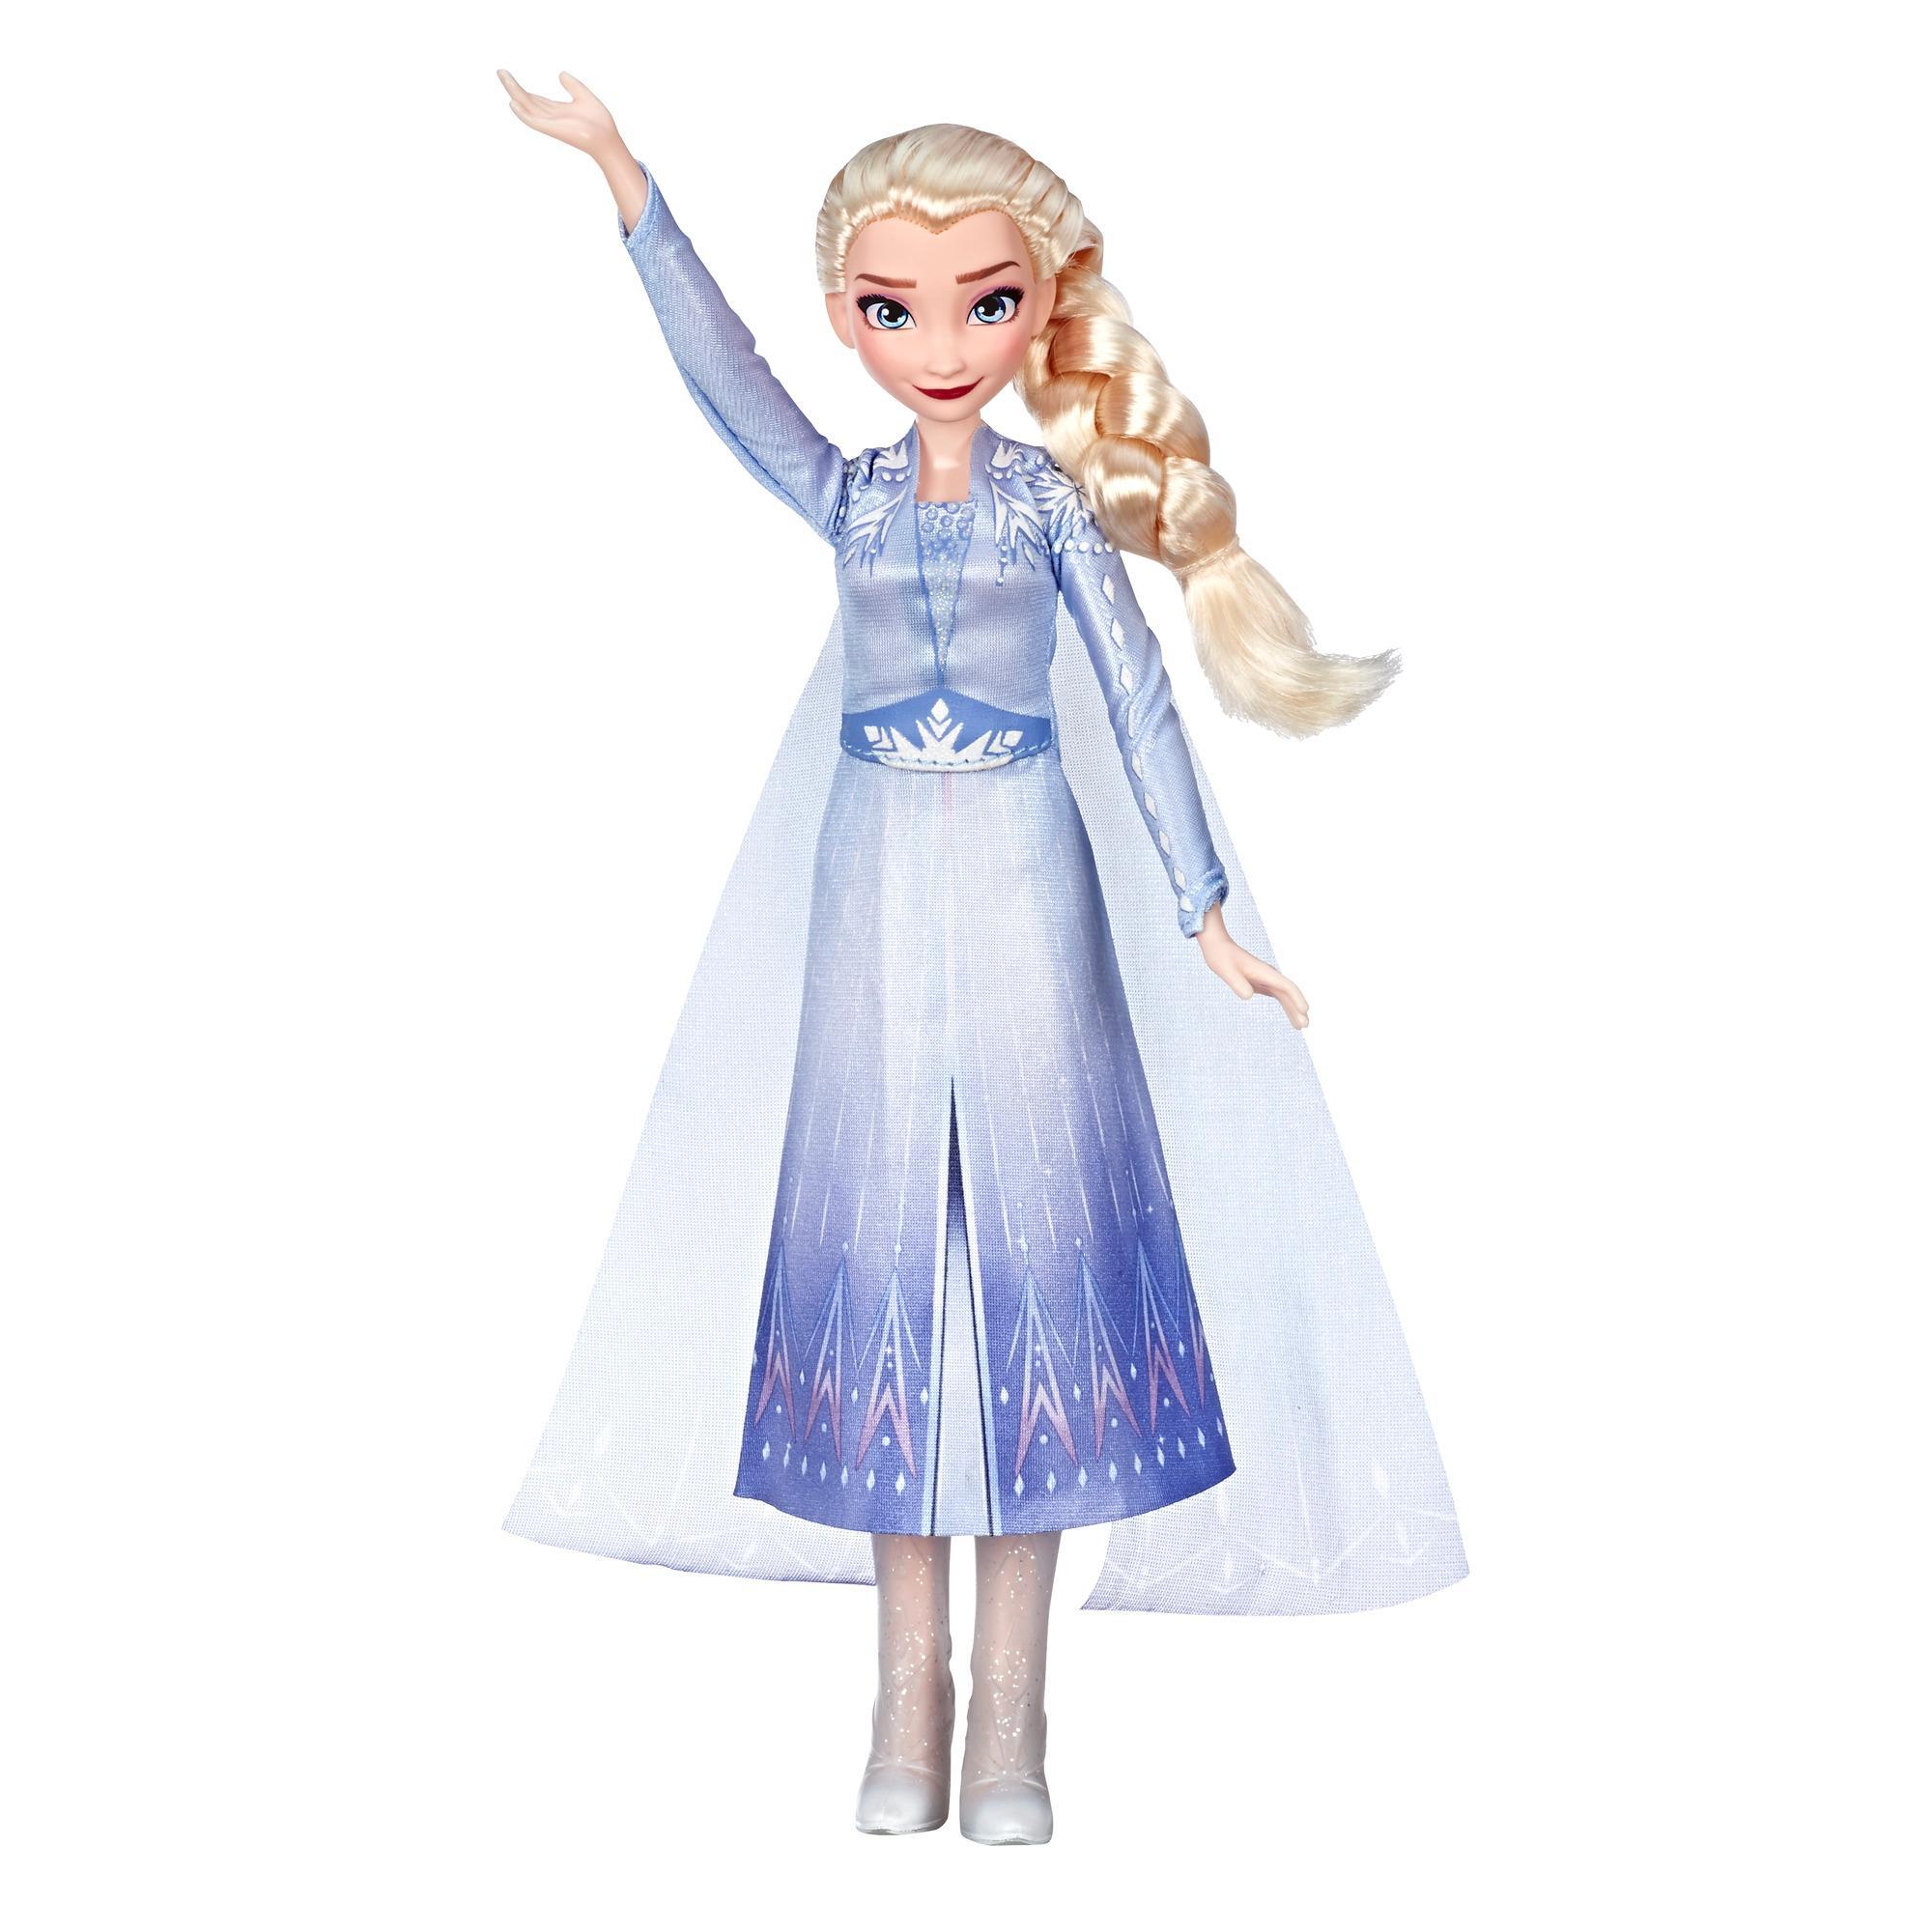 Disney Frozen Singing Elsa — Boneca musical com vestido azul inspirada no filme Frozen 2 da Disney. Idade: a partir dos 3 anos